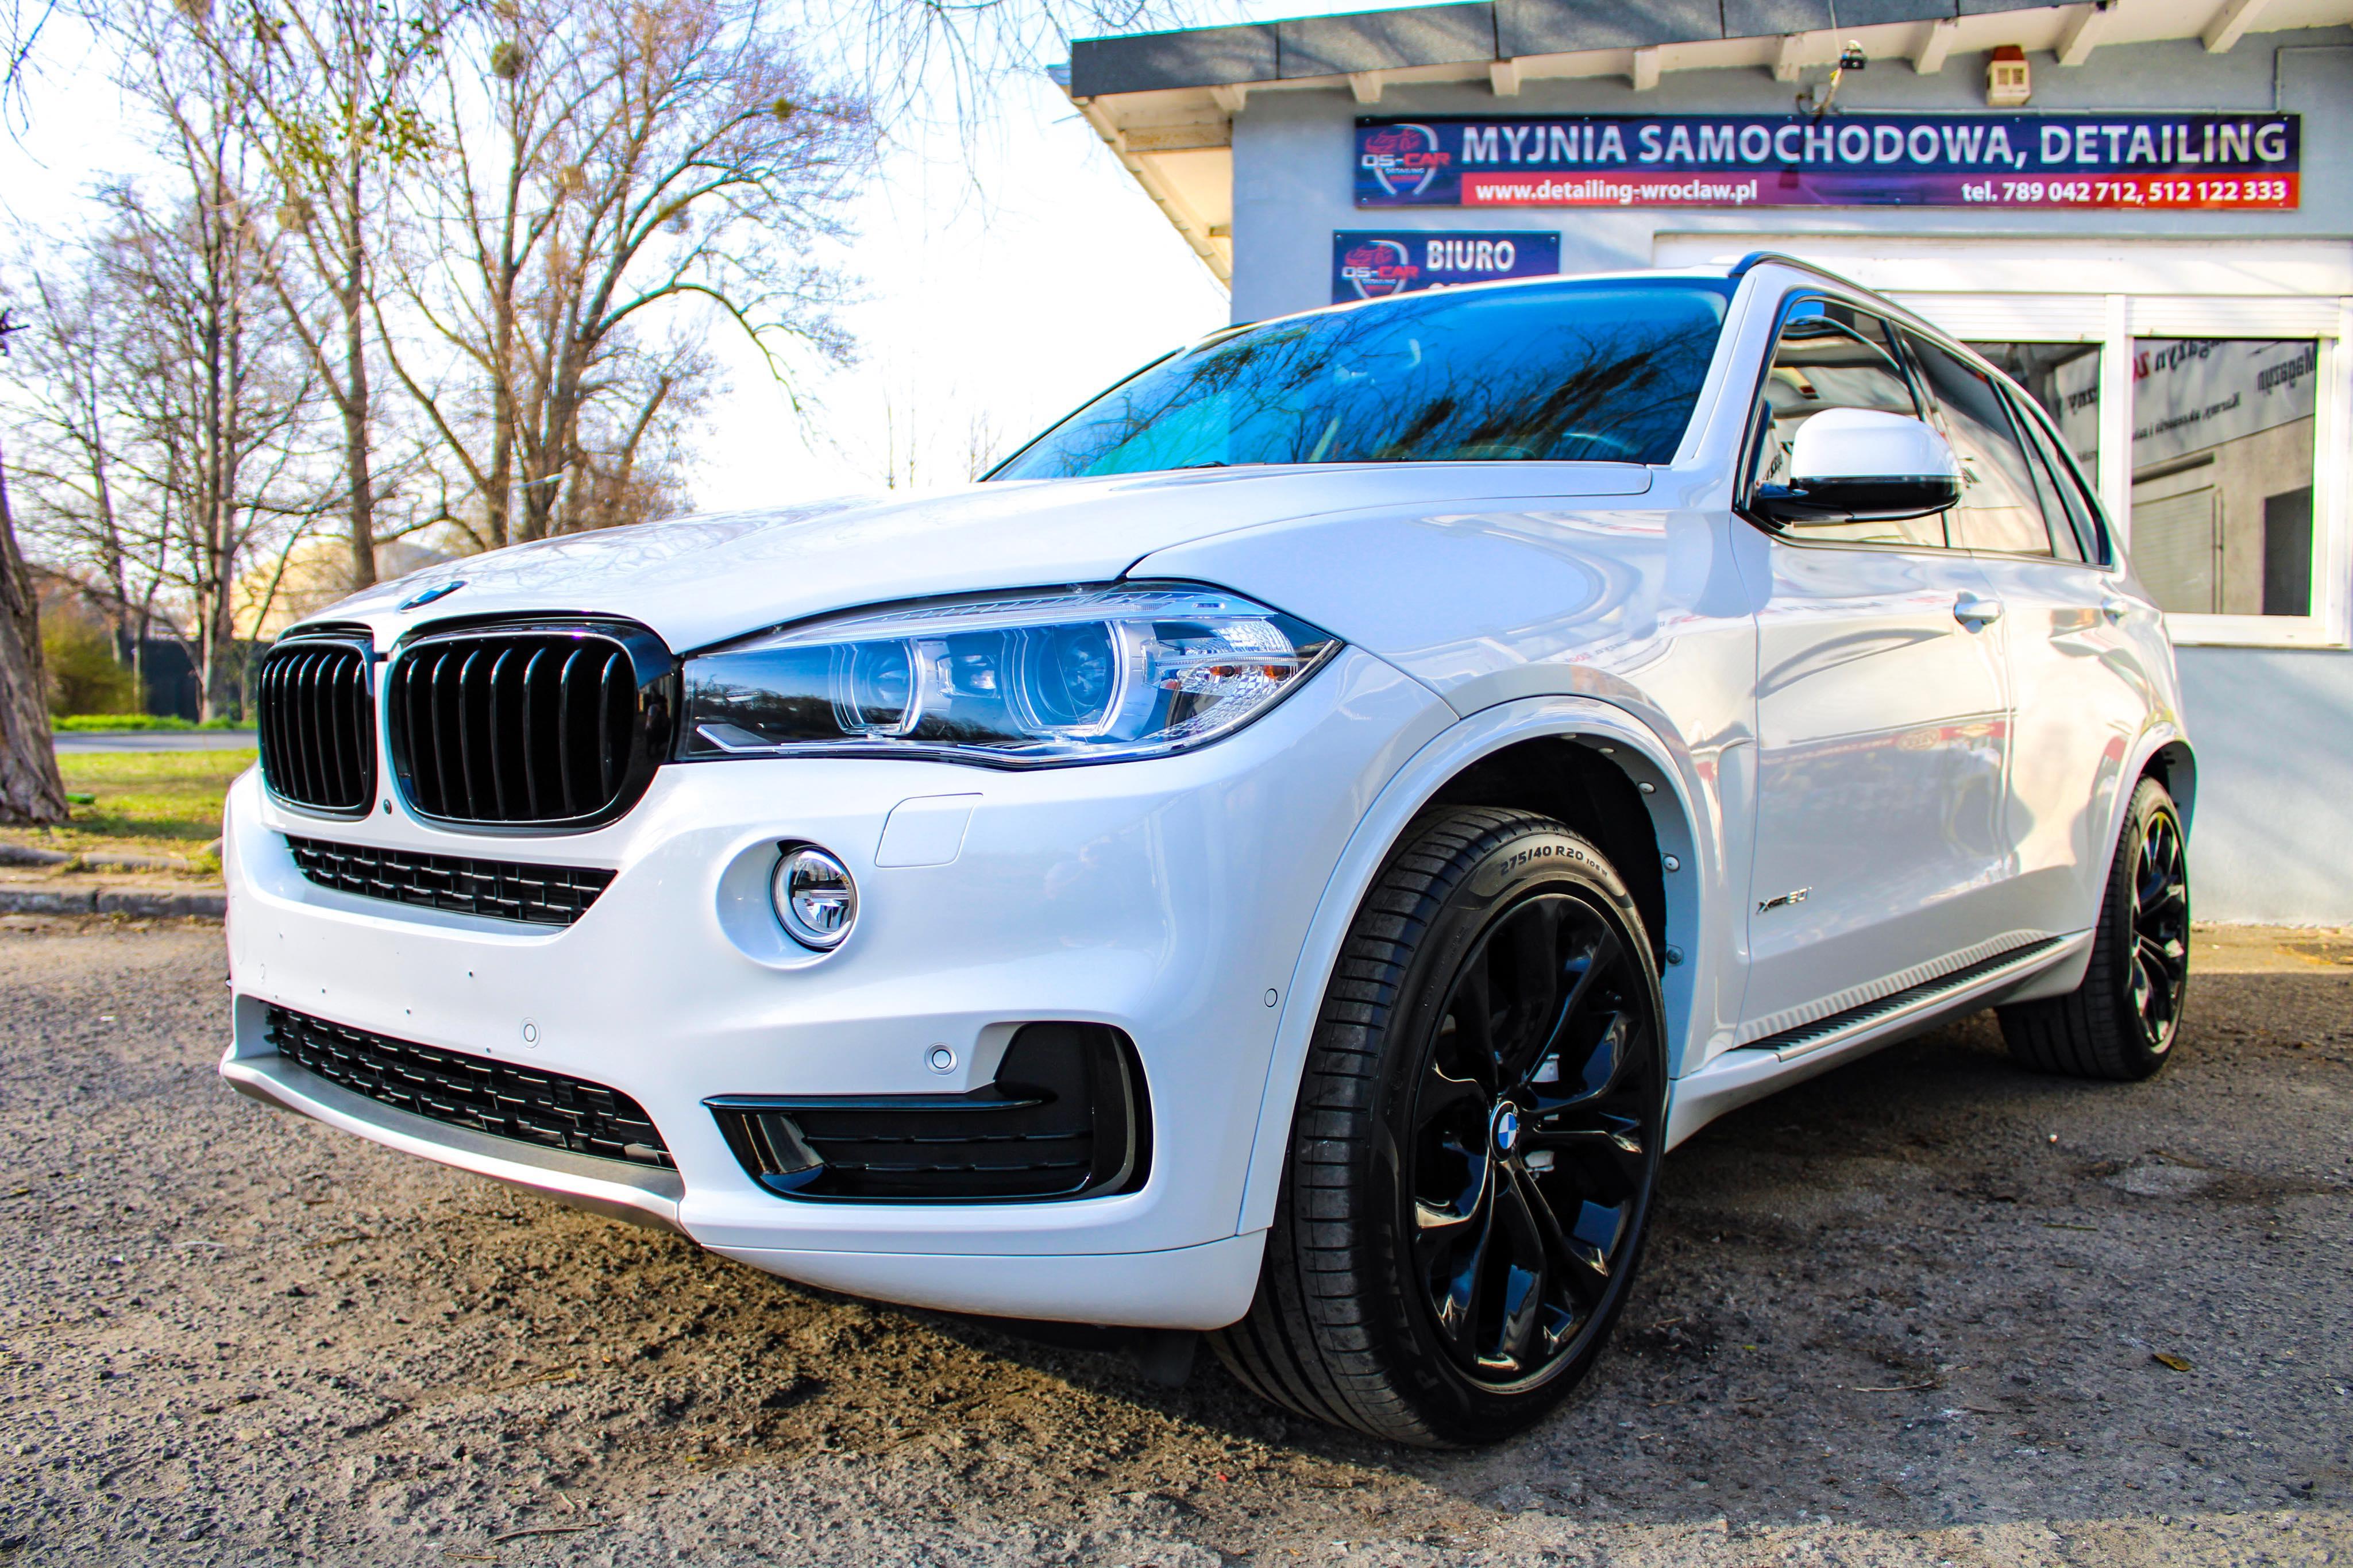 BMW X5 5.0i USA